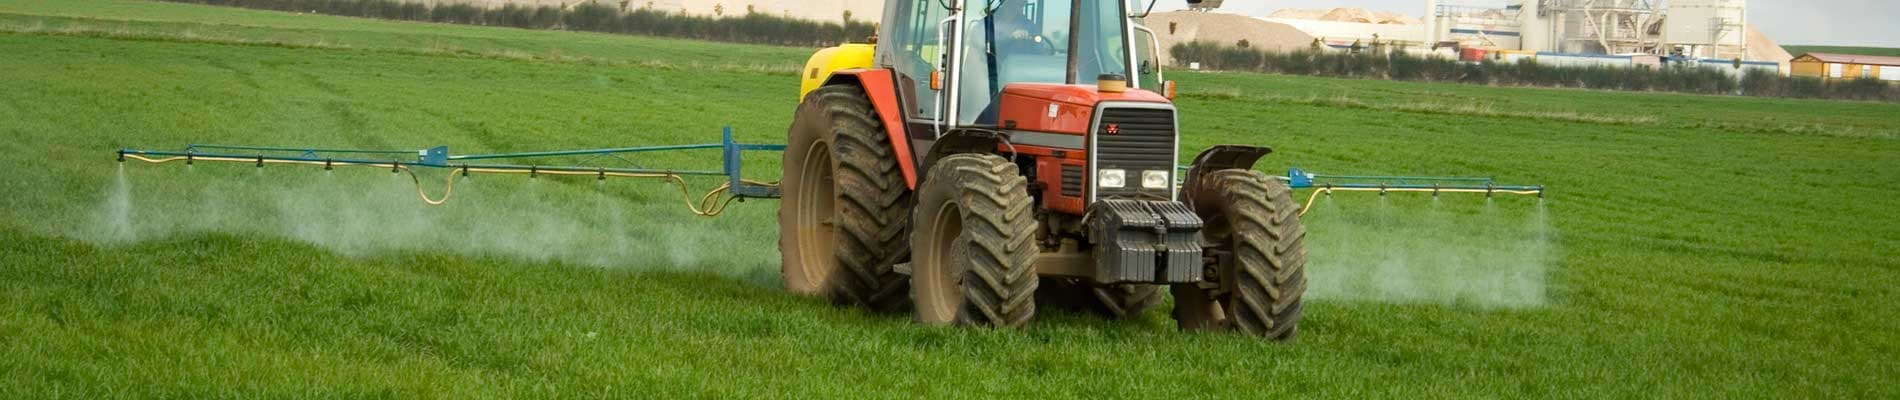 Meccanizzazione agricola e costruzioni rurali